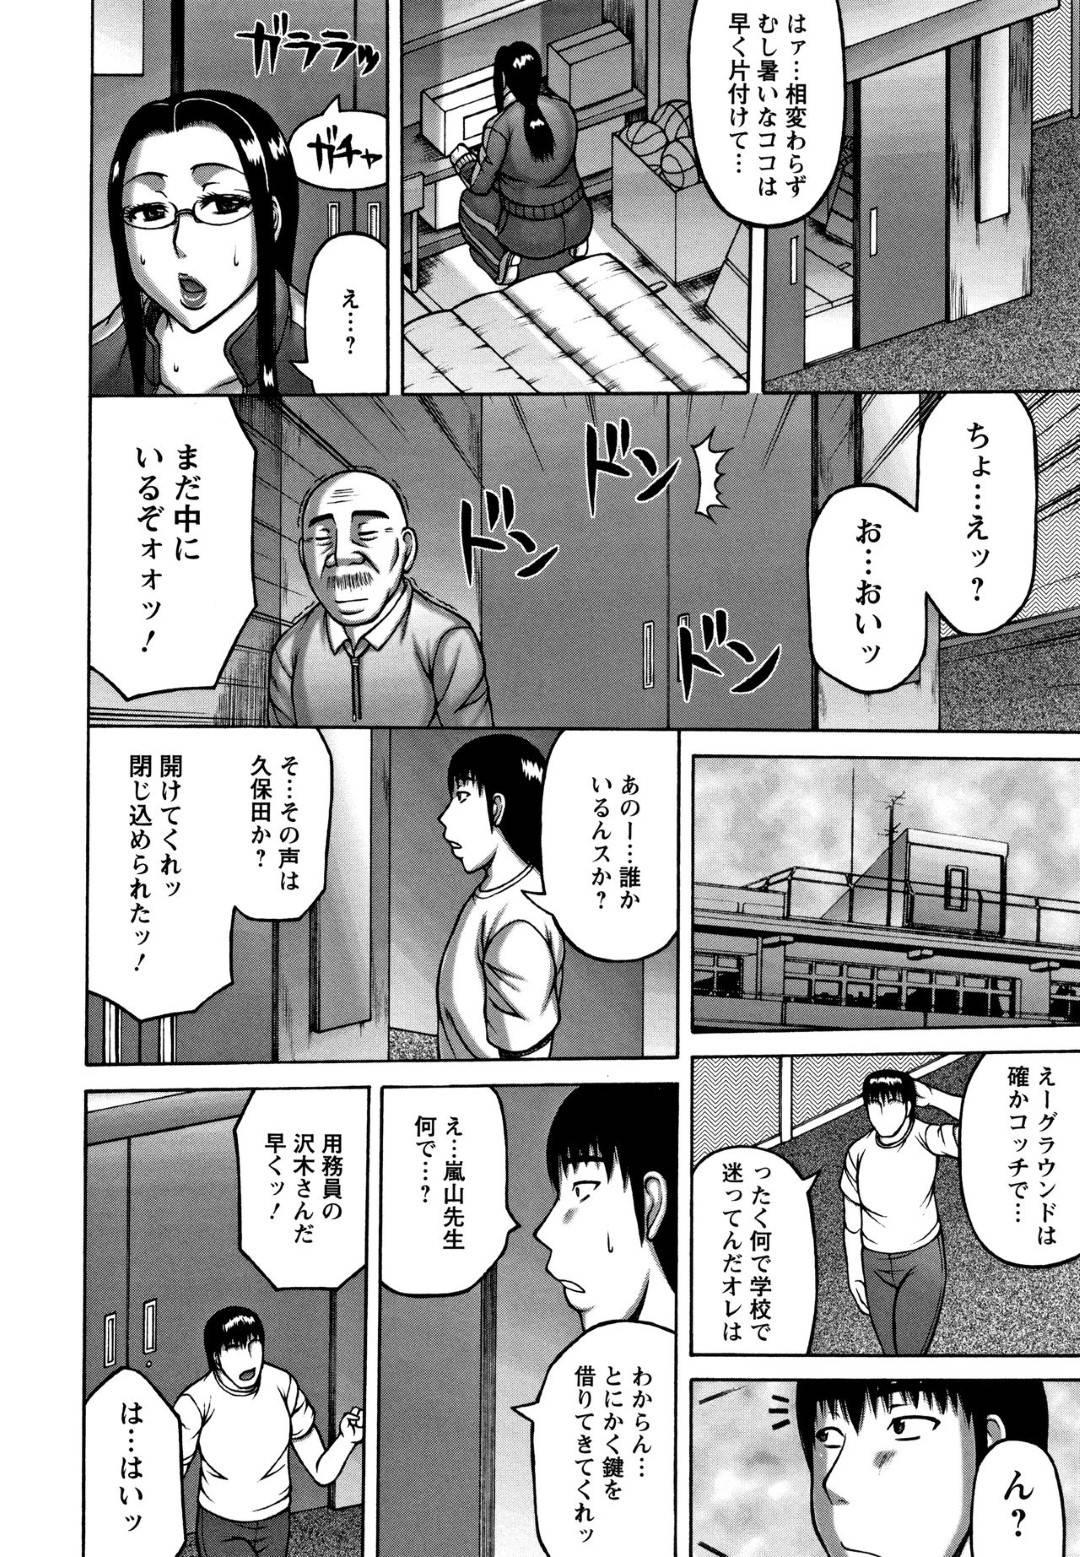 【エロ漫画】いつも汗臭い爆乳体育教師は匂いフェチの新人教師に襲われ生ハメ中出しセックスでイッてしまう